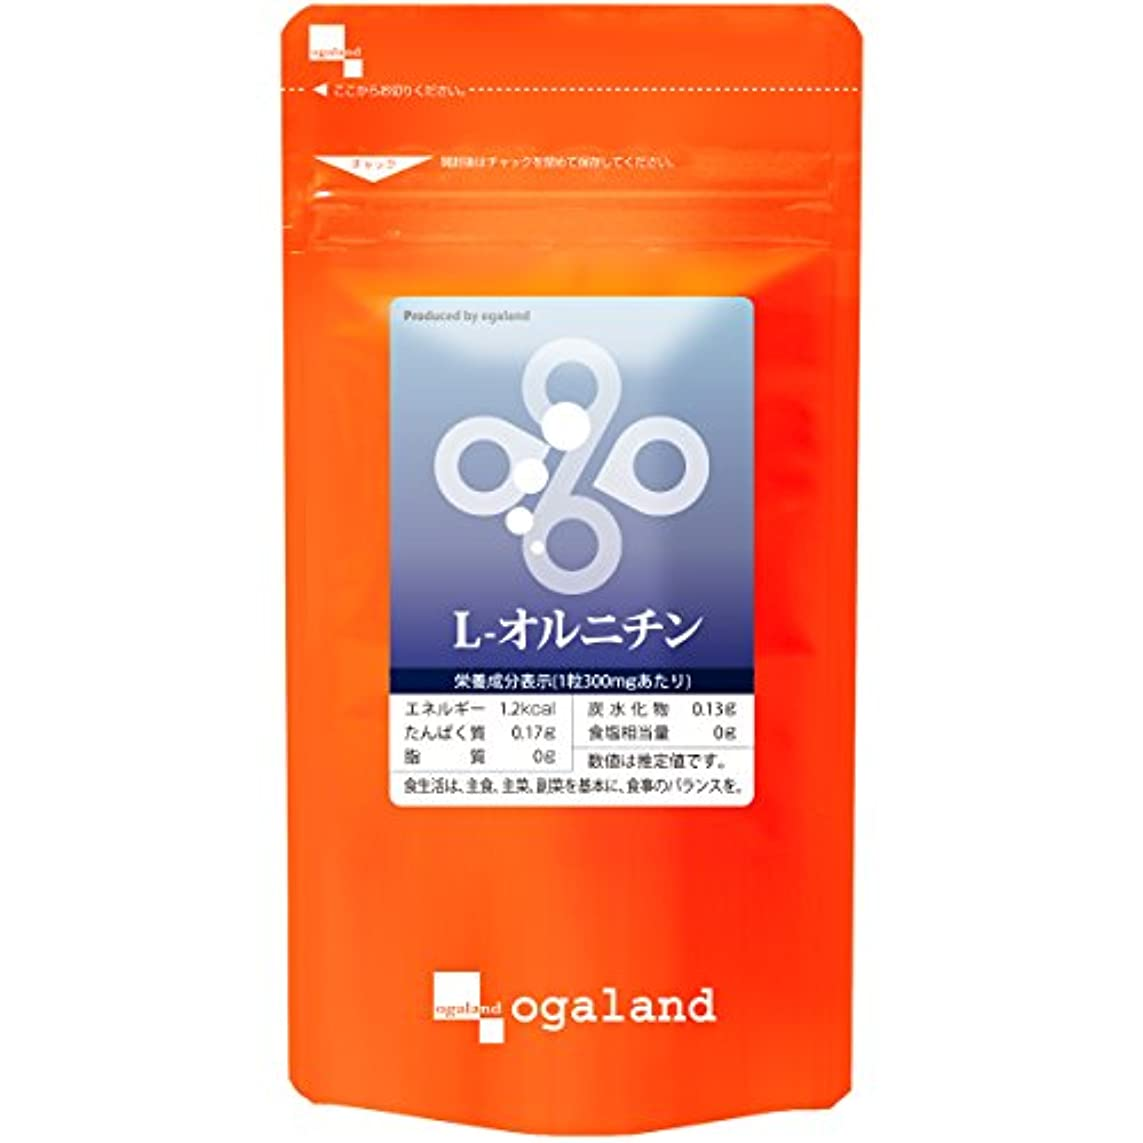 レビュアー若さエスカレーターお徳用L- オルニチン (270粒/約3ヶ月分)